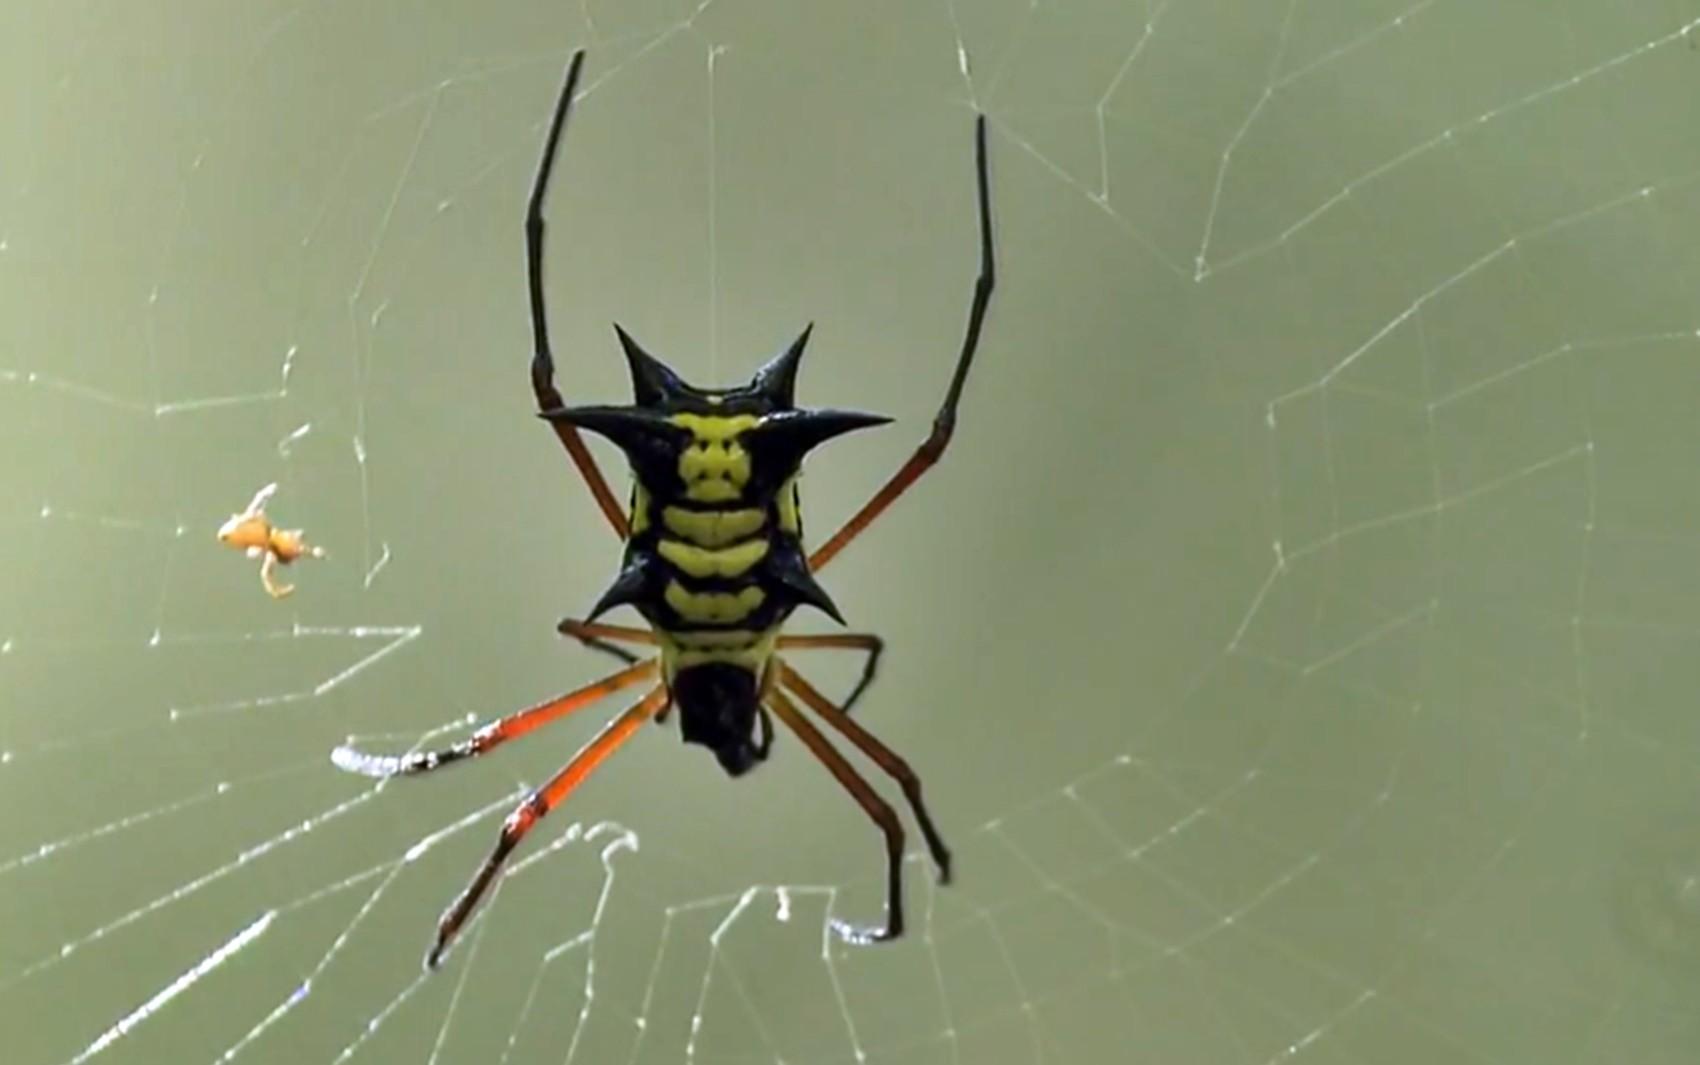 Homem de 35 anos é internado em UTI após ser picado por aranha em São Tomé das Letras, MG